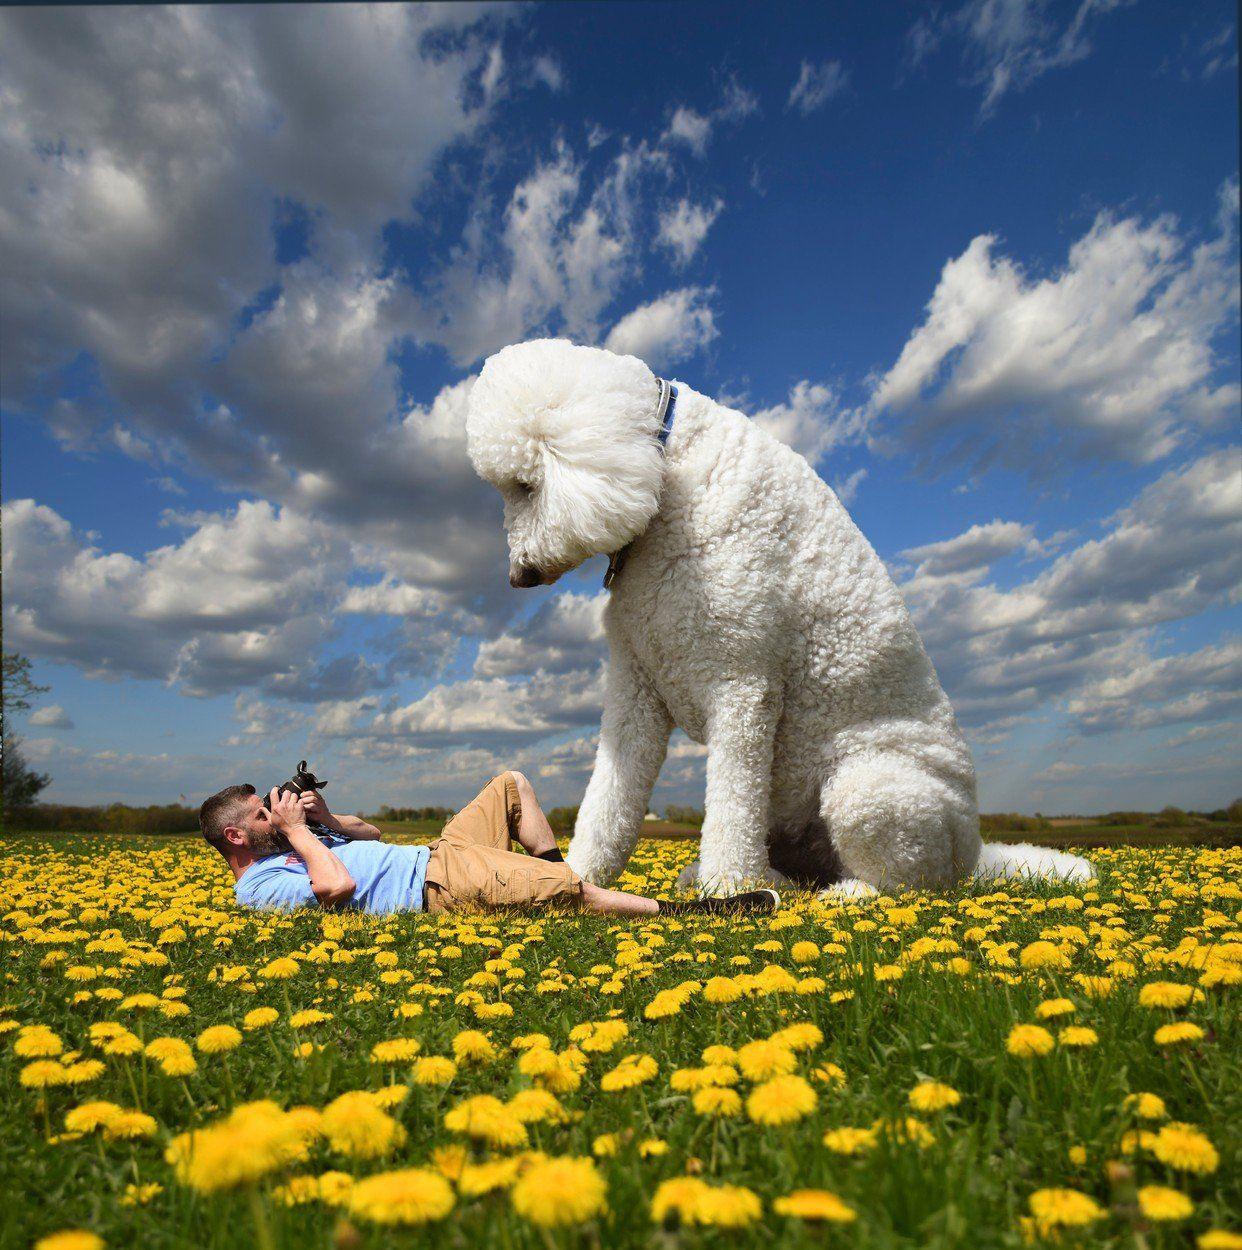 kutya nagy photoshop rét gazda